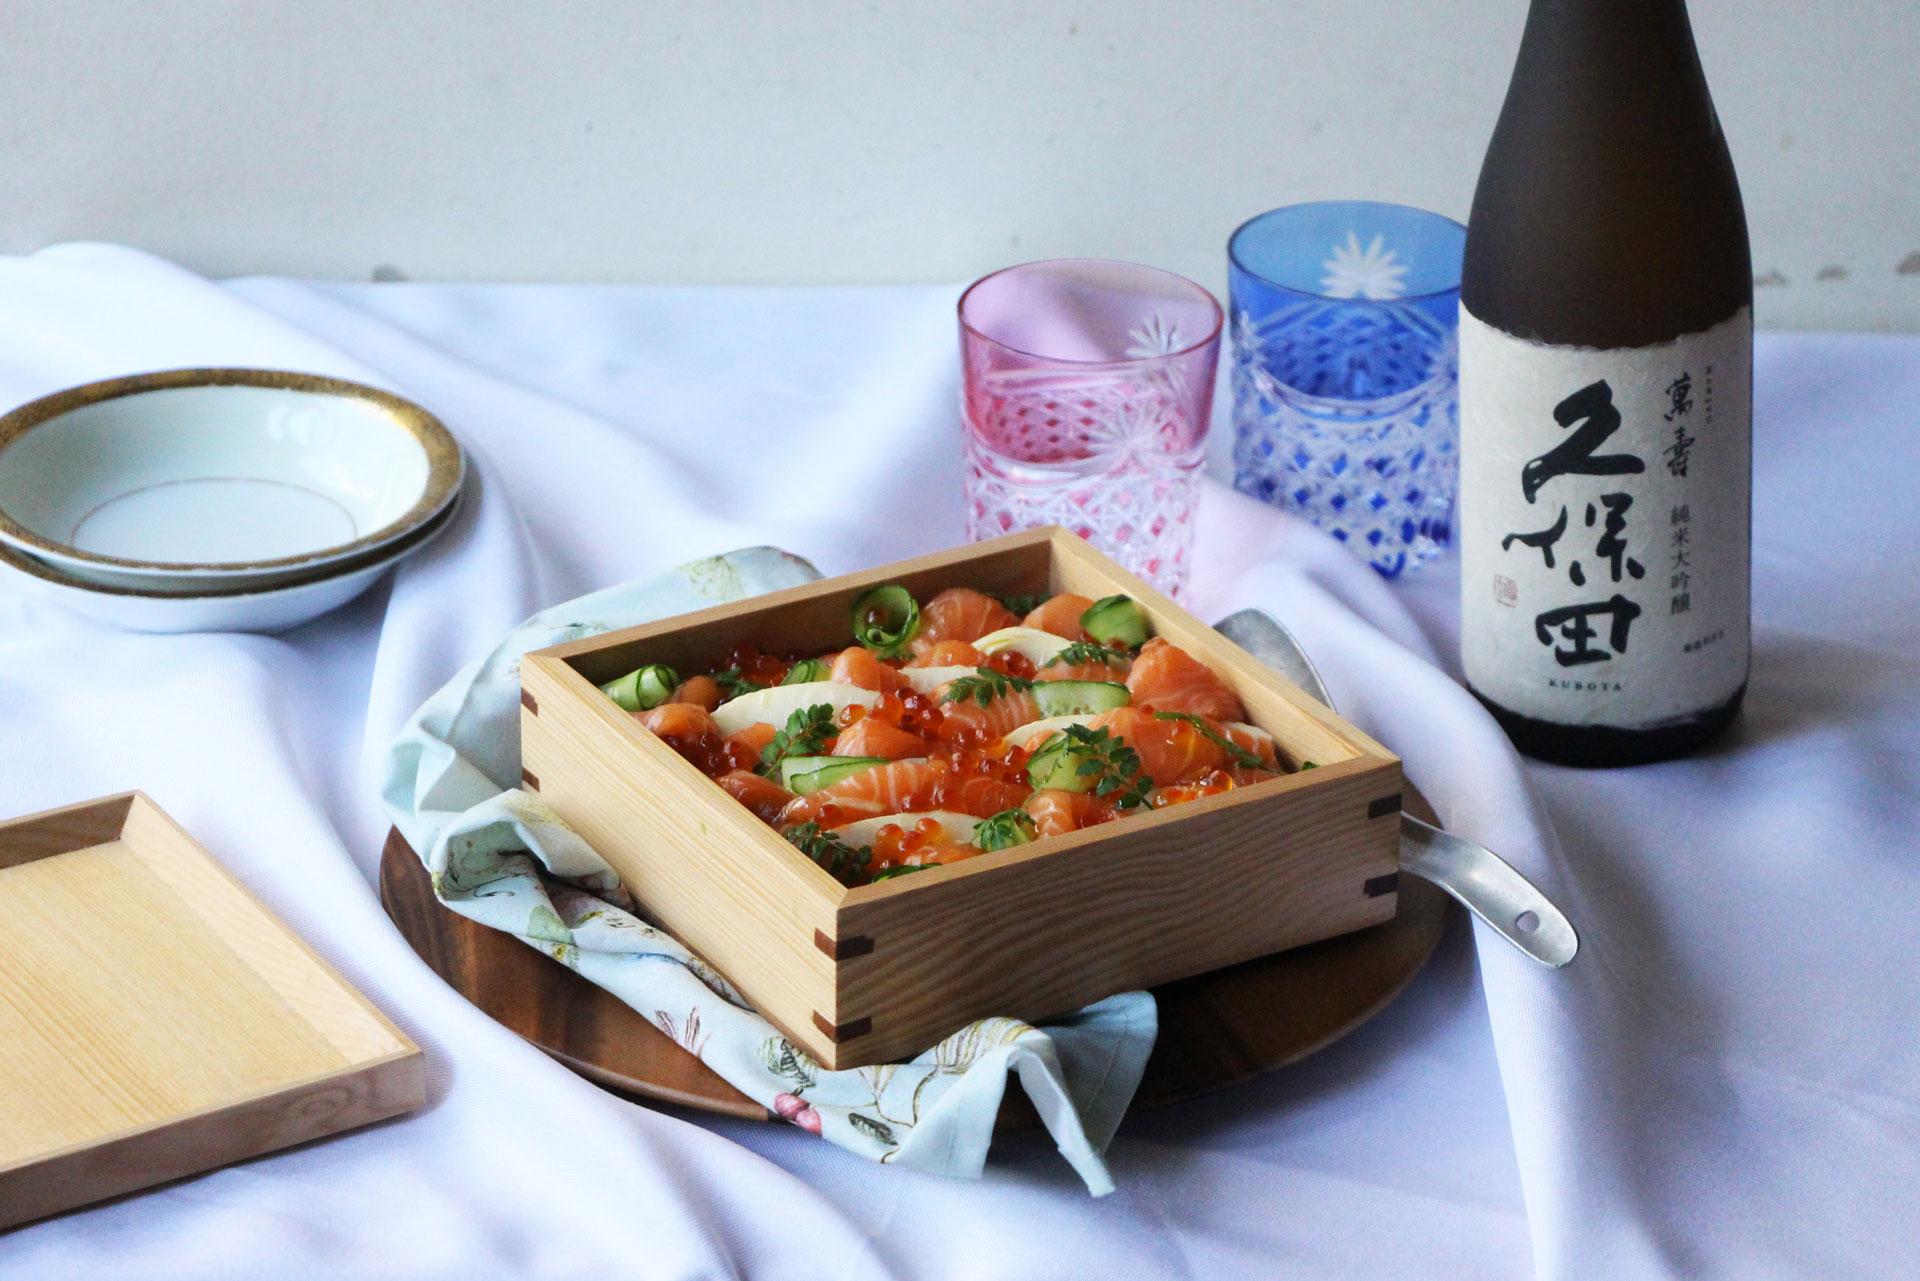 日本酒をもっと楽しむおつまみレシピ|サーモンとたけのこのちらし寿司